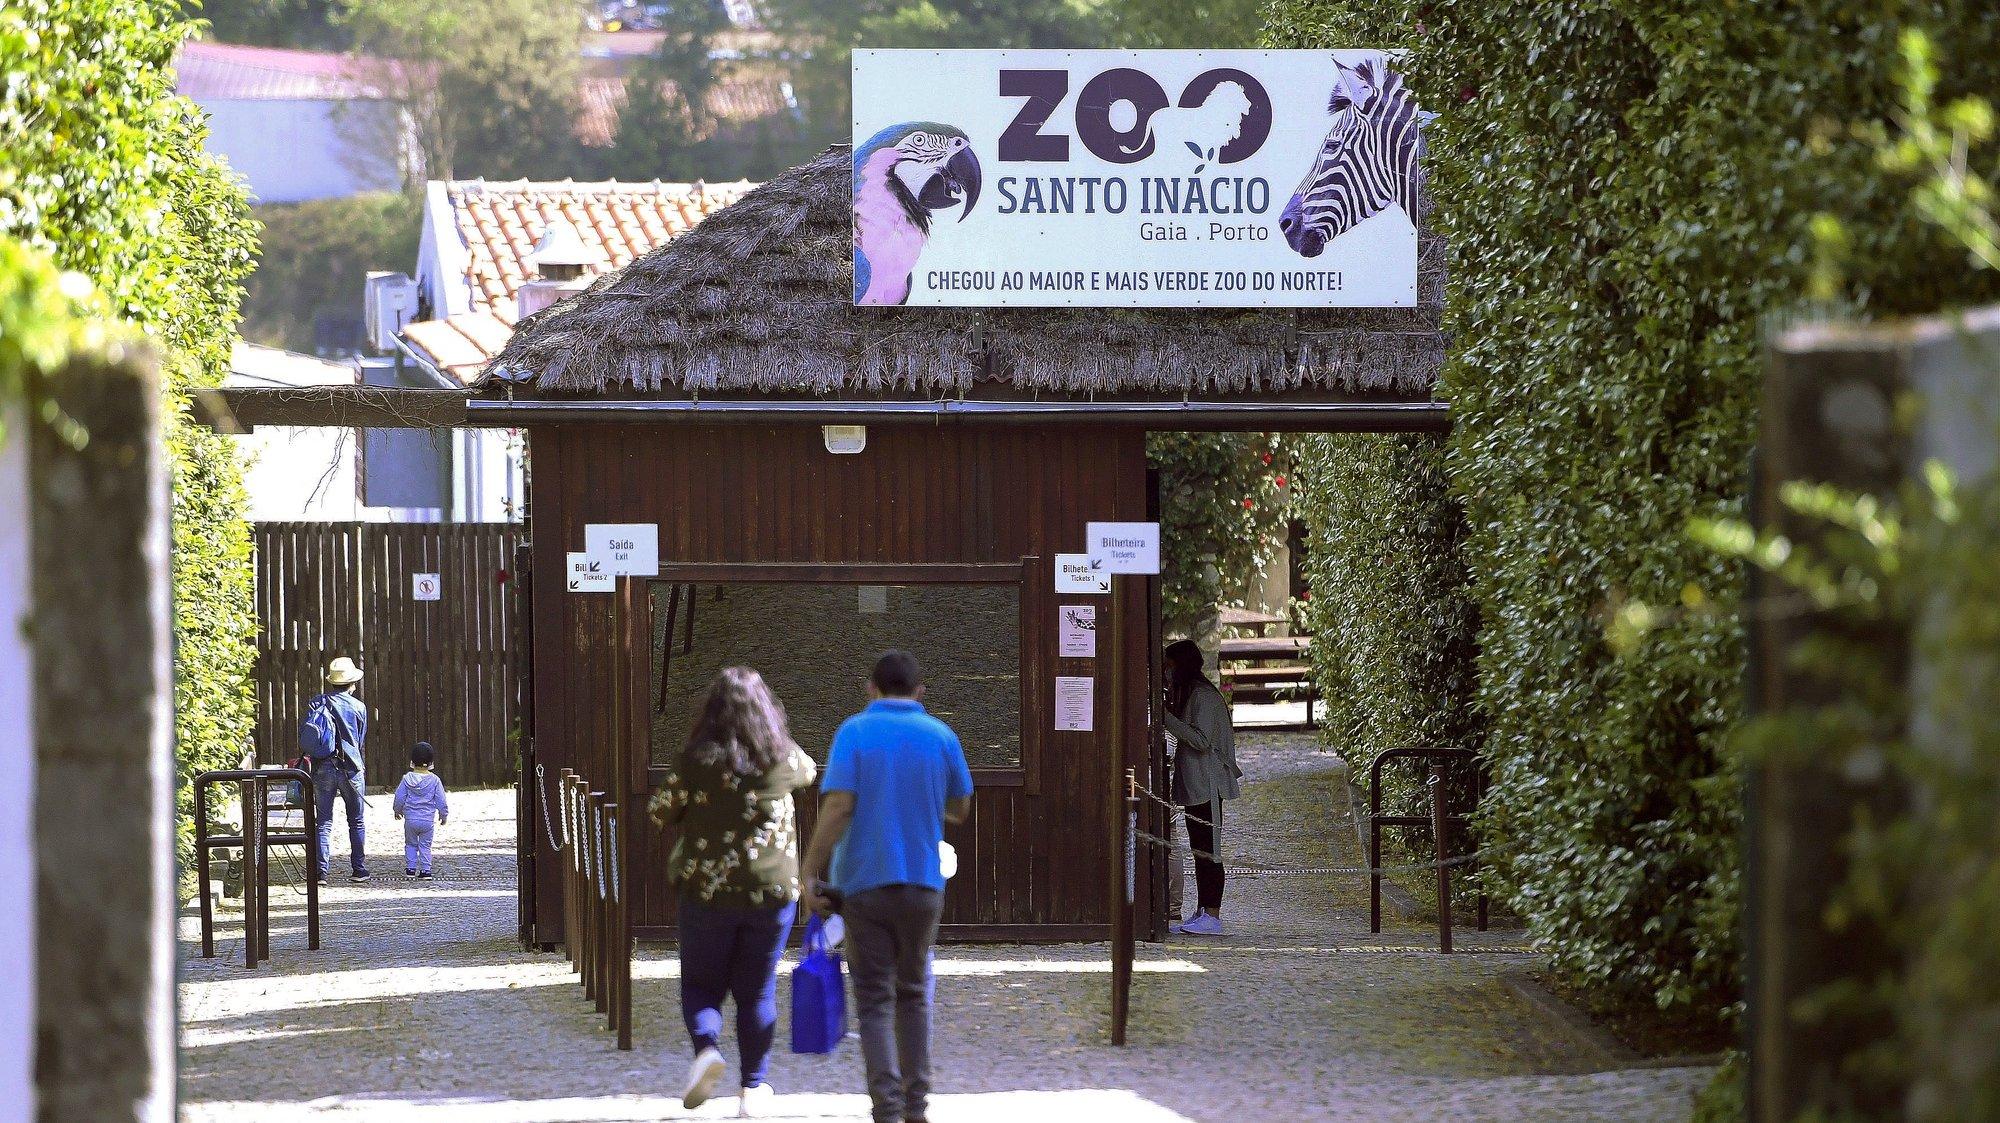 Reabertura do Zoo Santo Inácio após ter estado encerrado devido à pandemia da Covid-19, Avintes, Vila Nova de Gaia, 7 de maio de 2020. FERNANDO VELUDO/LUSA